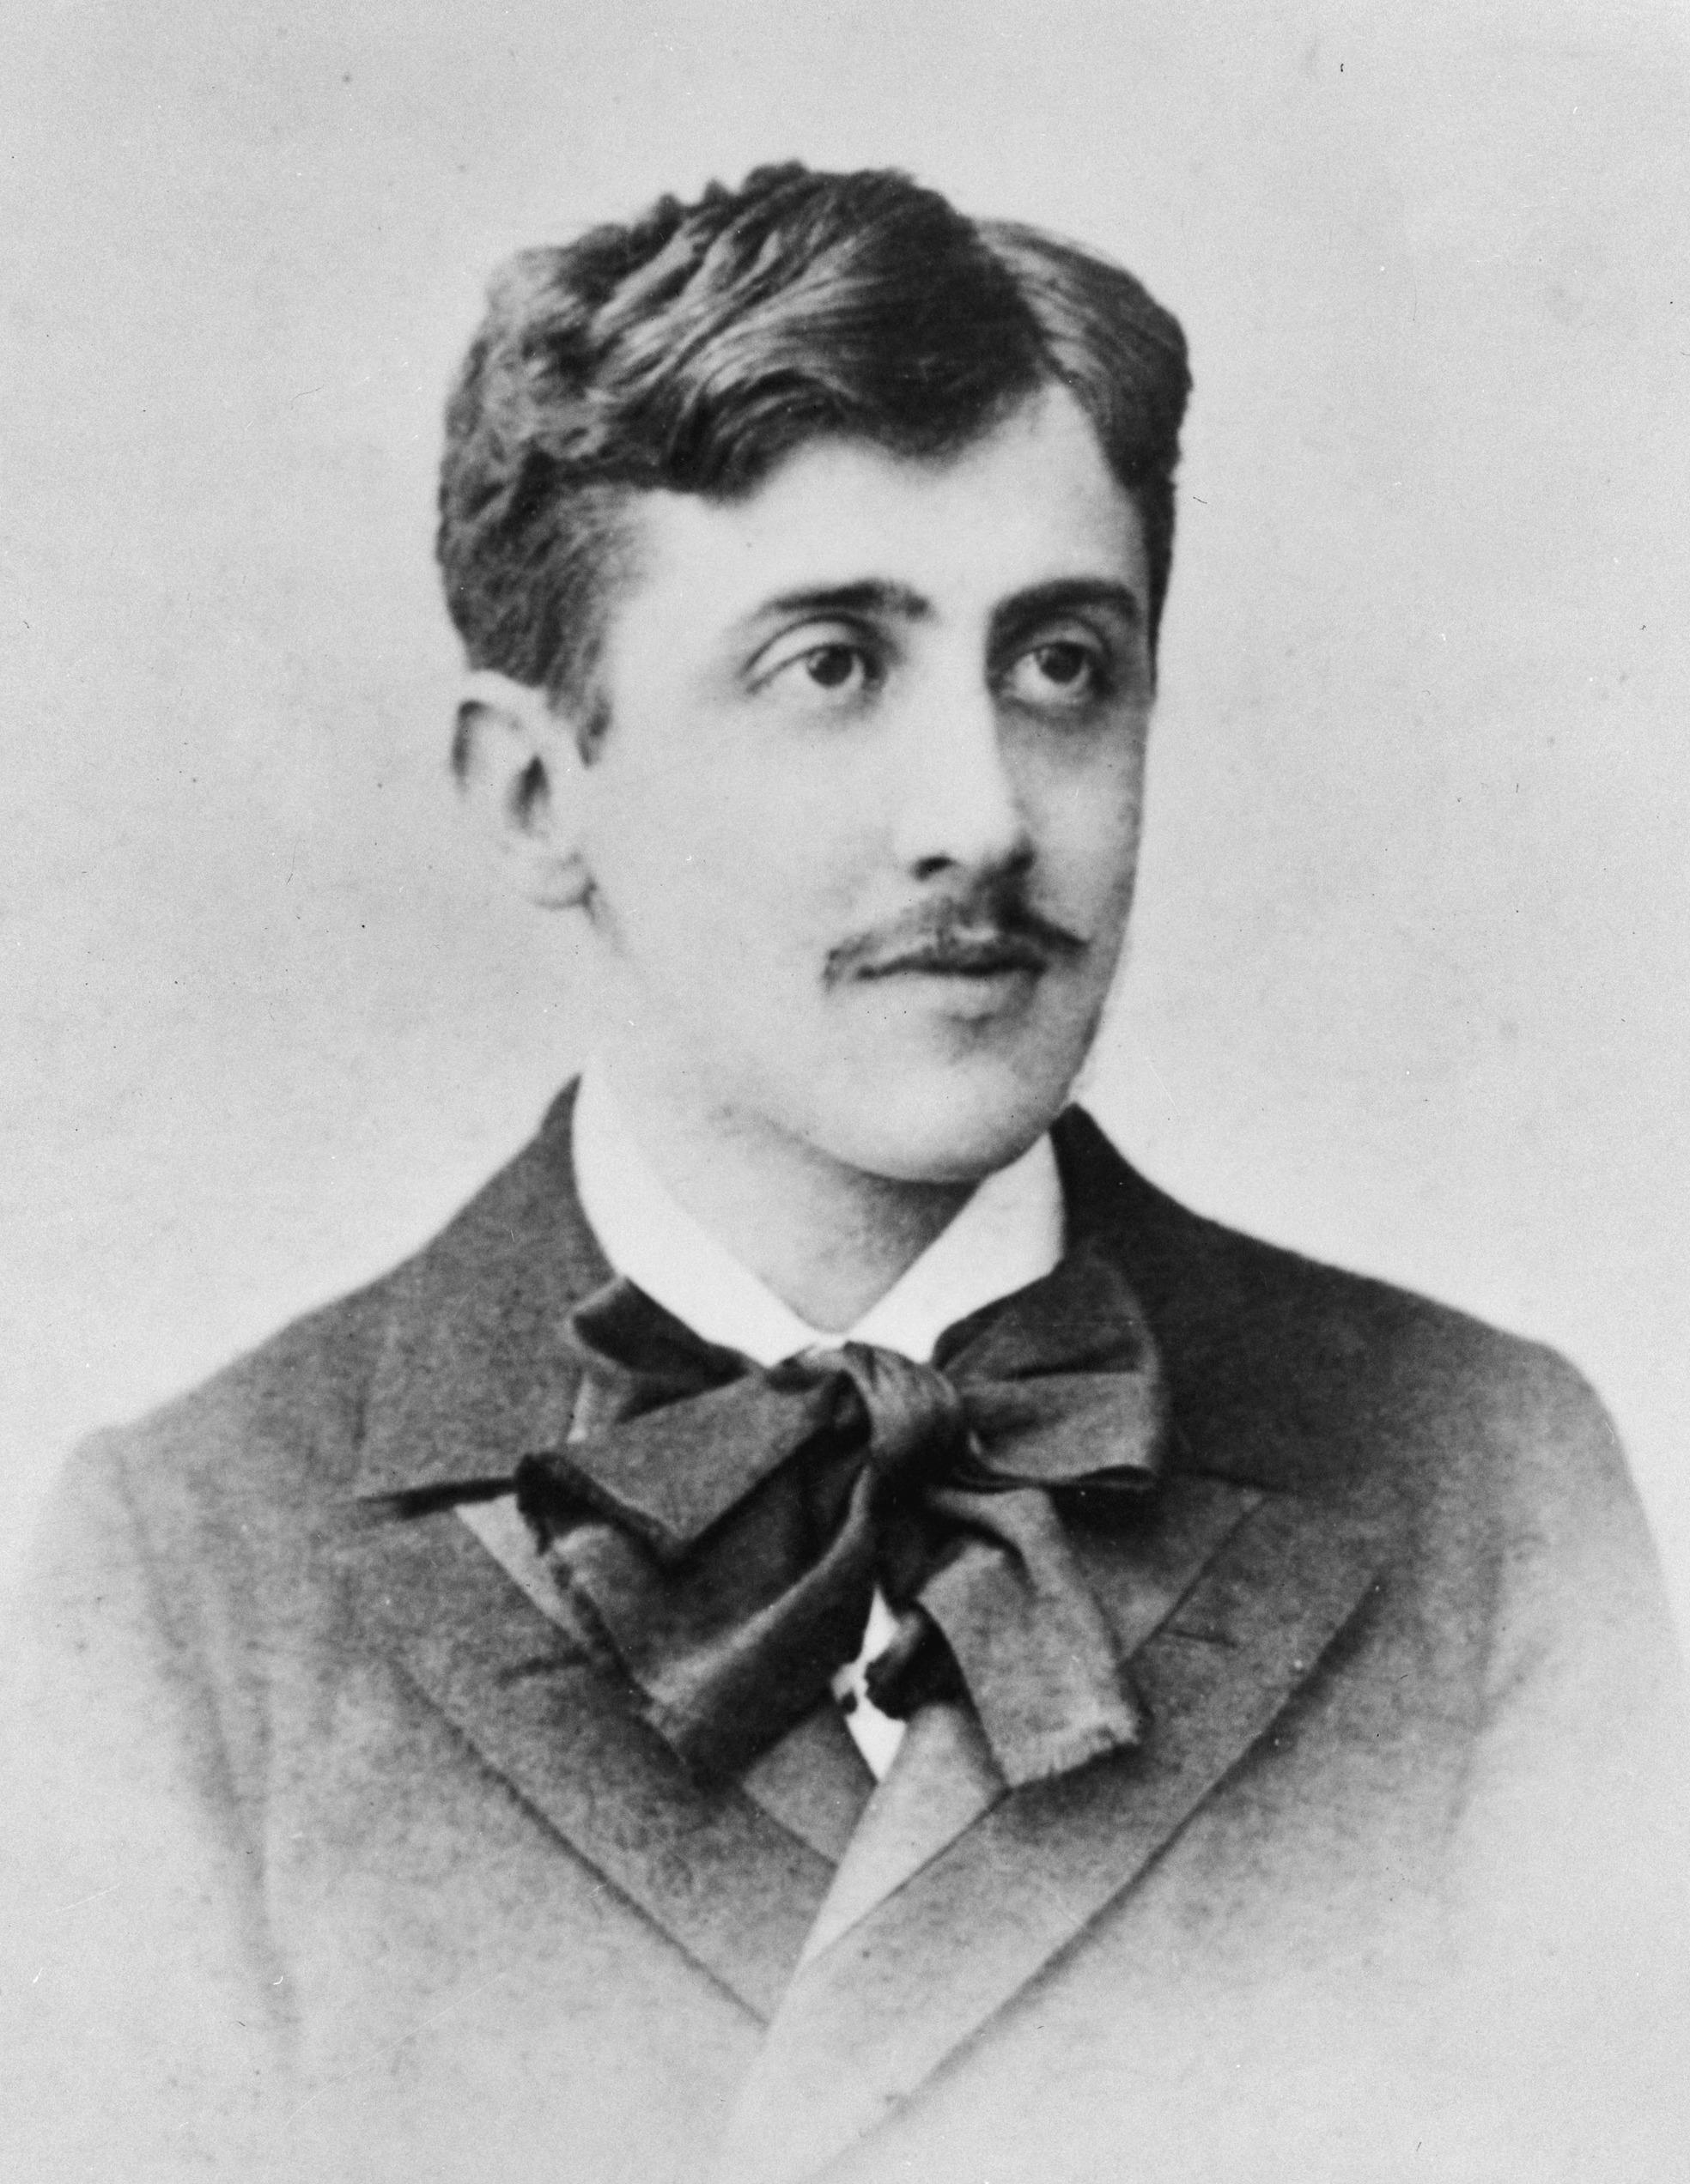 Où vivait Marcel Proust